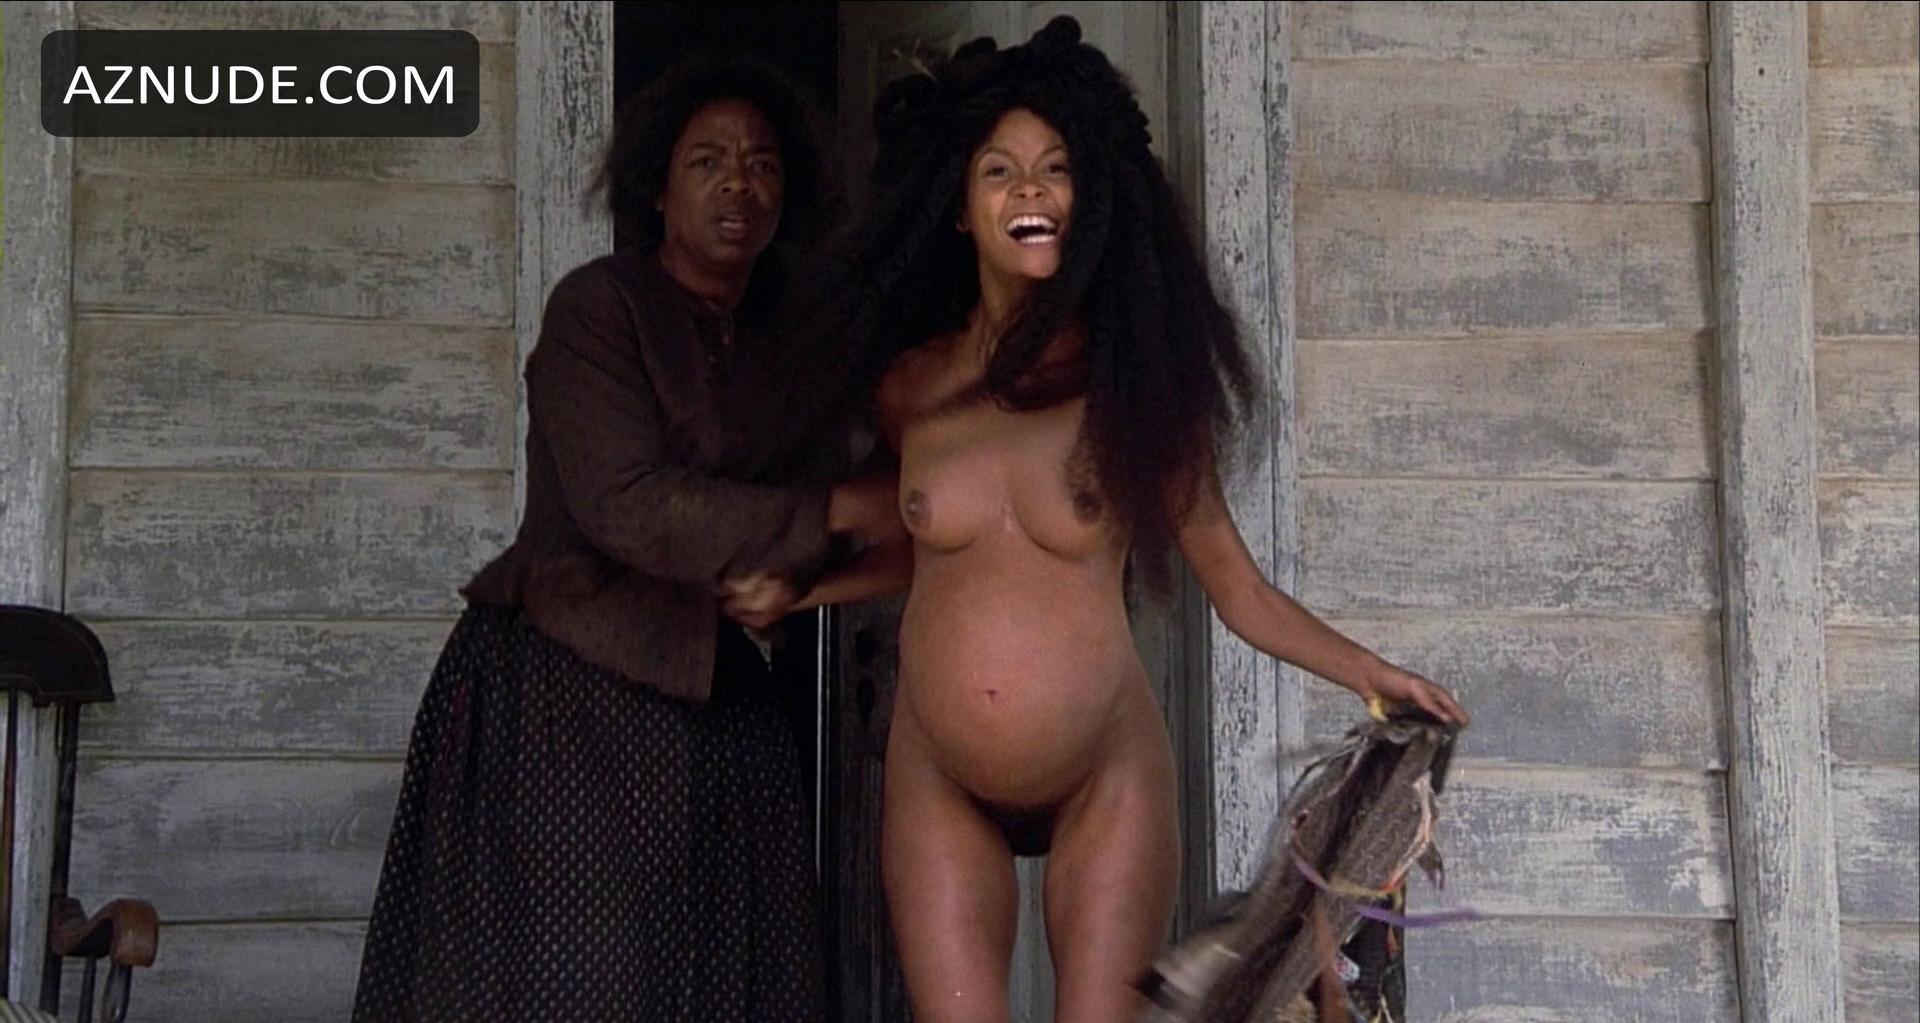 Thandie newton rubbing her bush in beloved scandalplanet